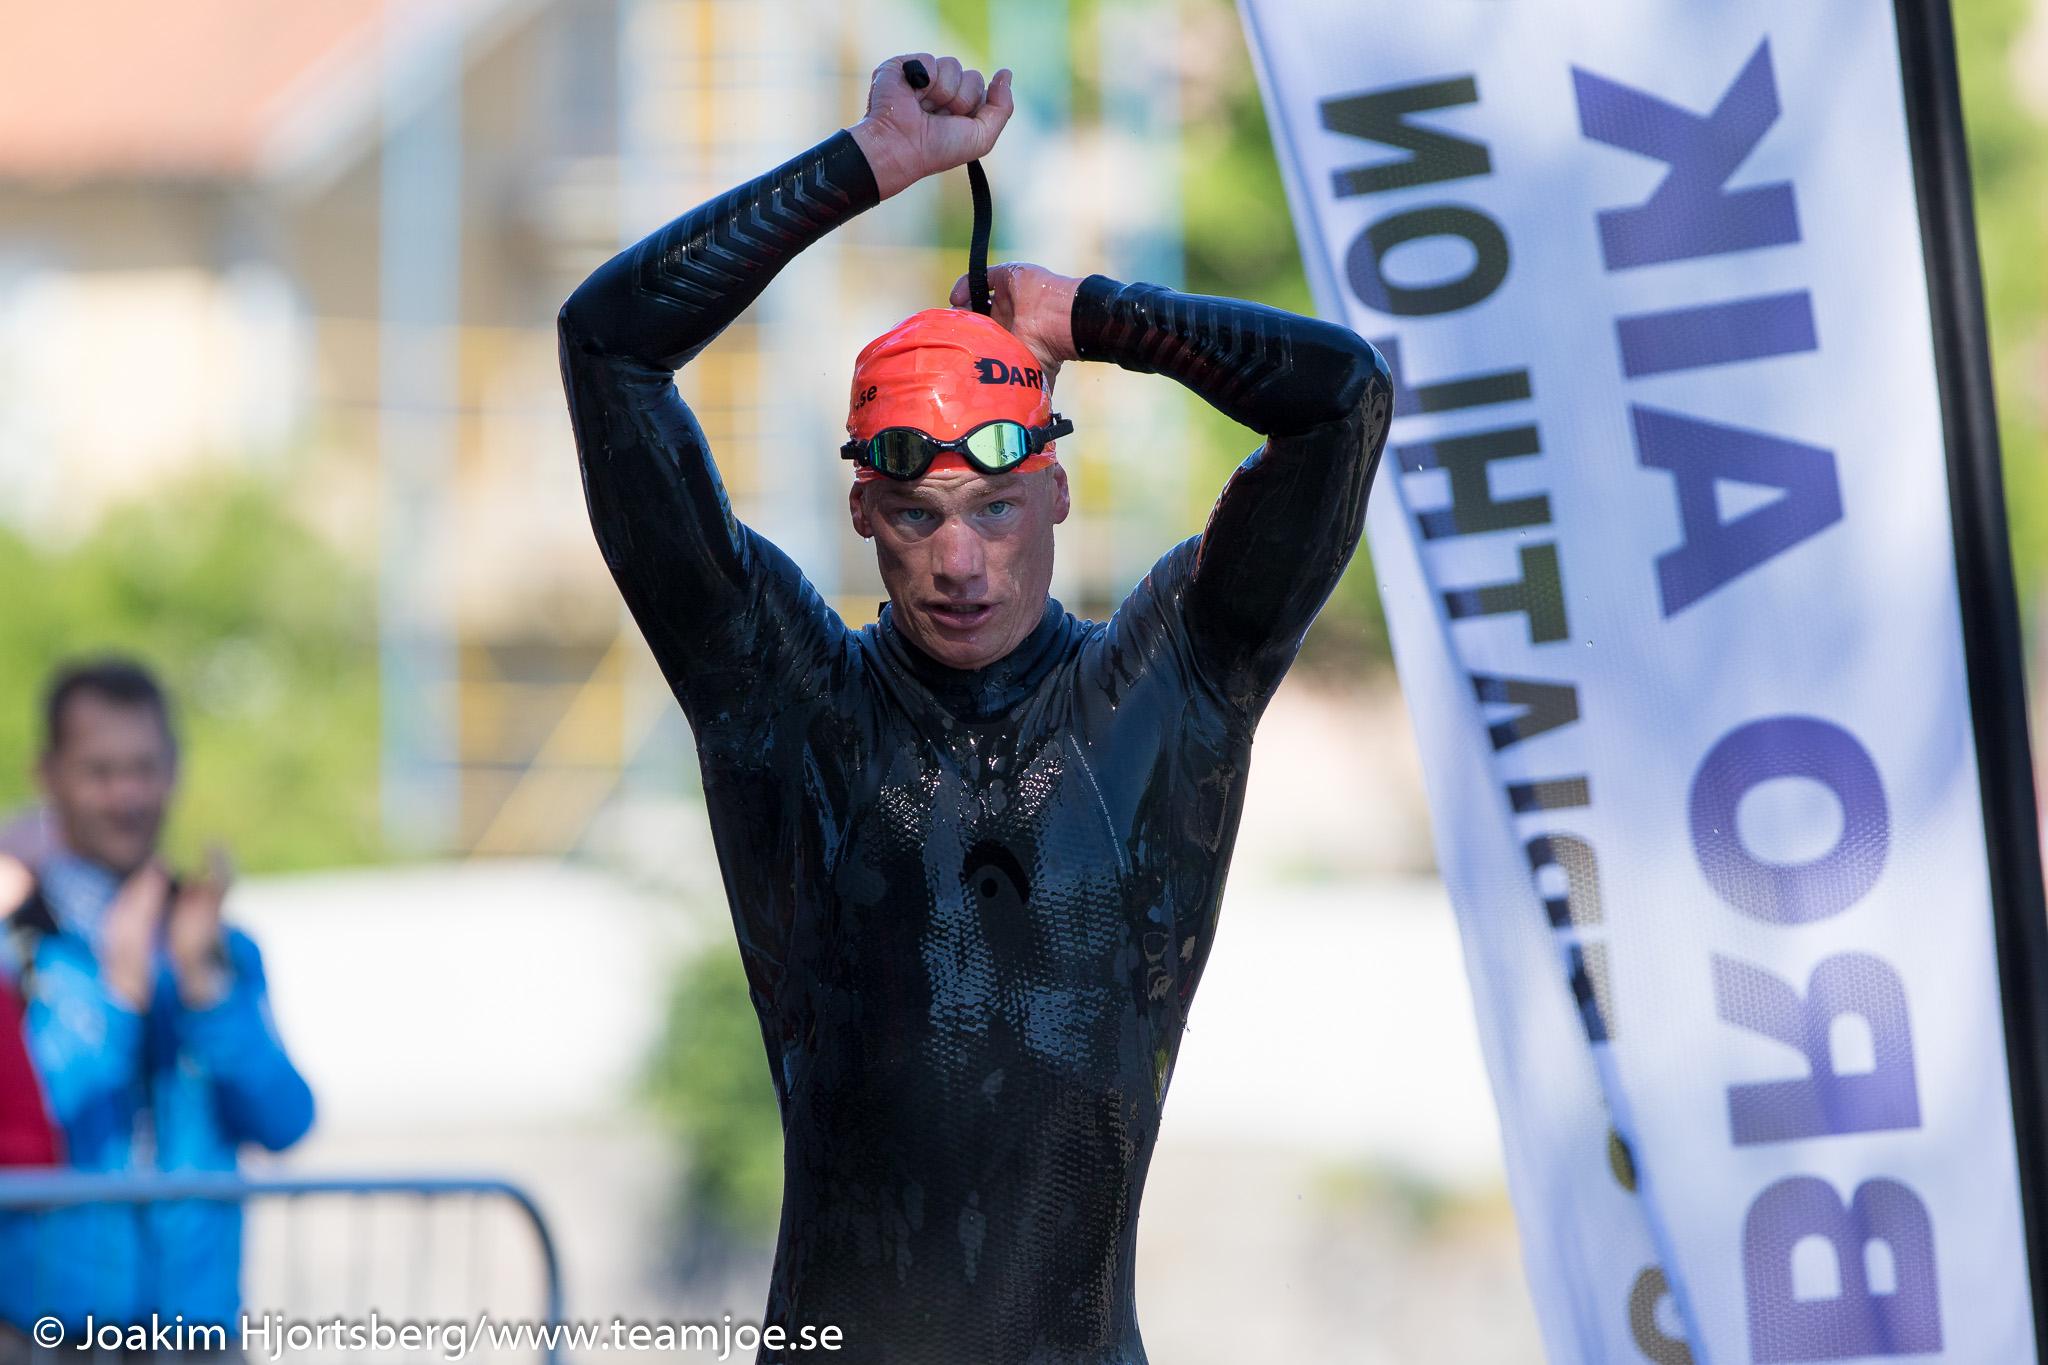 20160606_1030-3 Örebro Triathlon